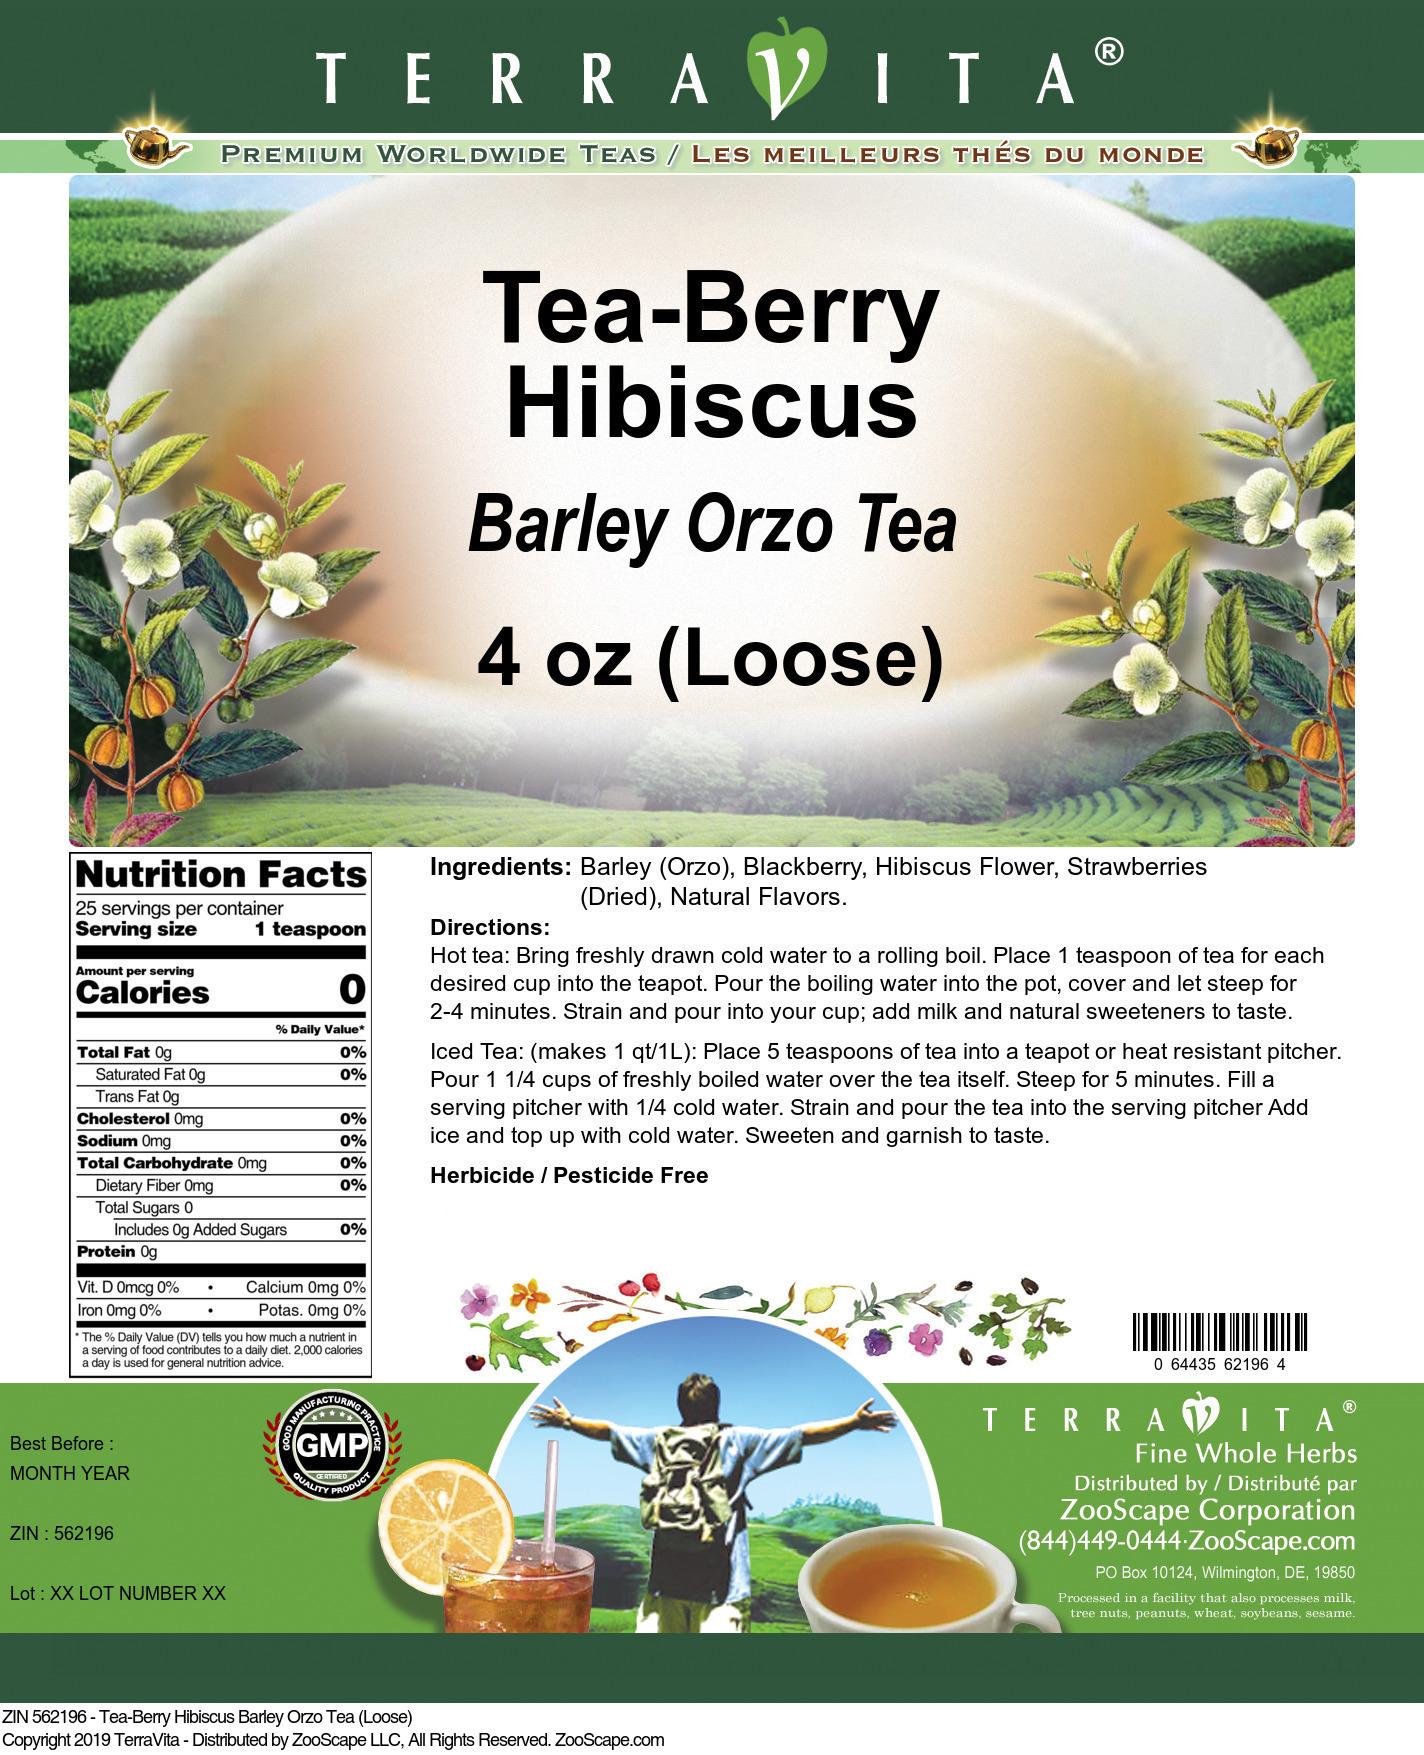 Tea-Berry Hibiscus Barley Orzo Tea (Loose)